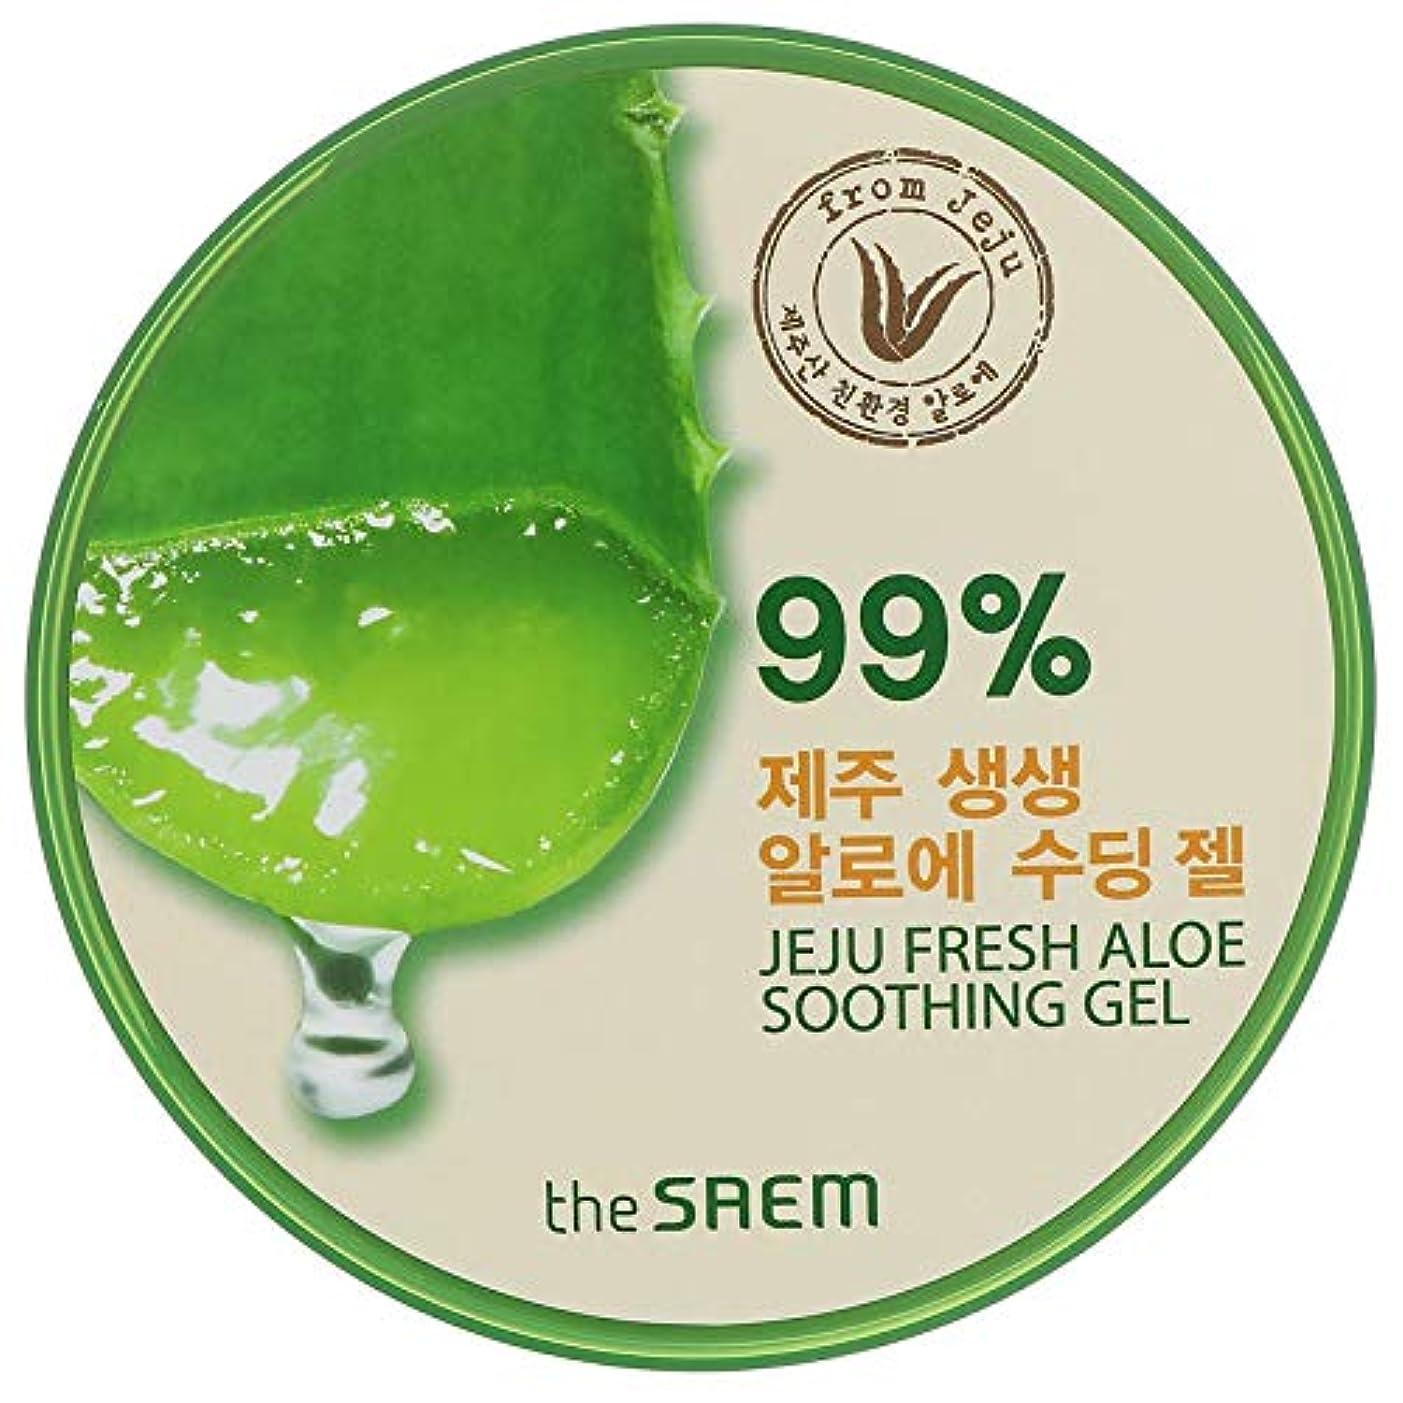 バーター洋服カブ即日発送 【国内発送】ザセム アロエスーディングジェル99% 頭からつま先までしっとり The SAEM Jeju Fresh ALOE Soothing Gel 99%